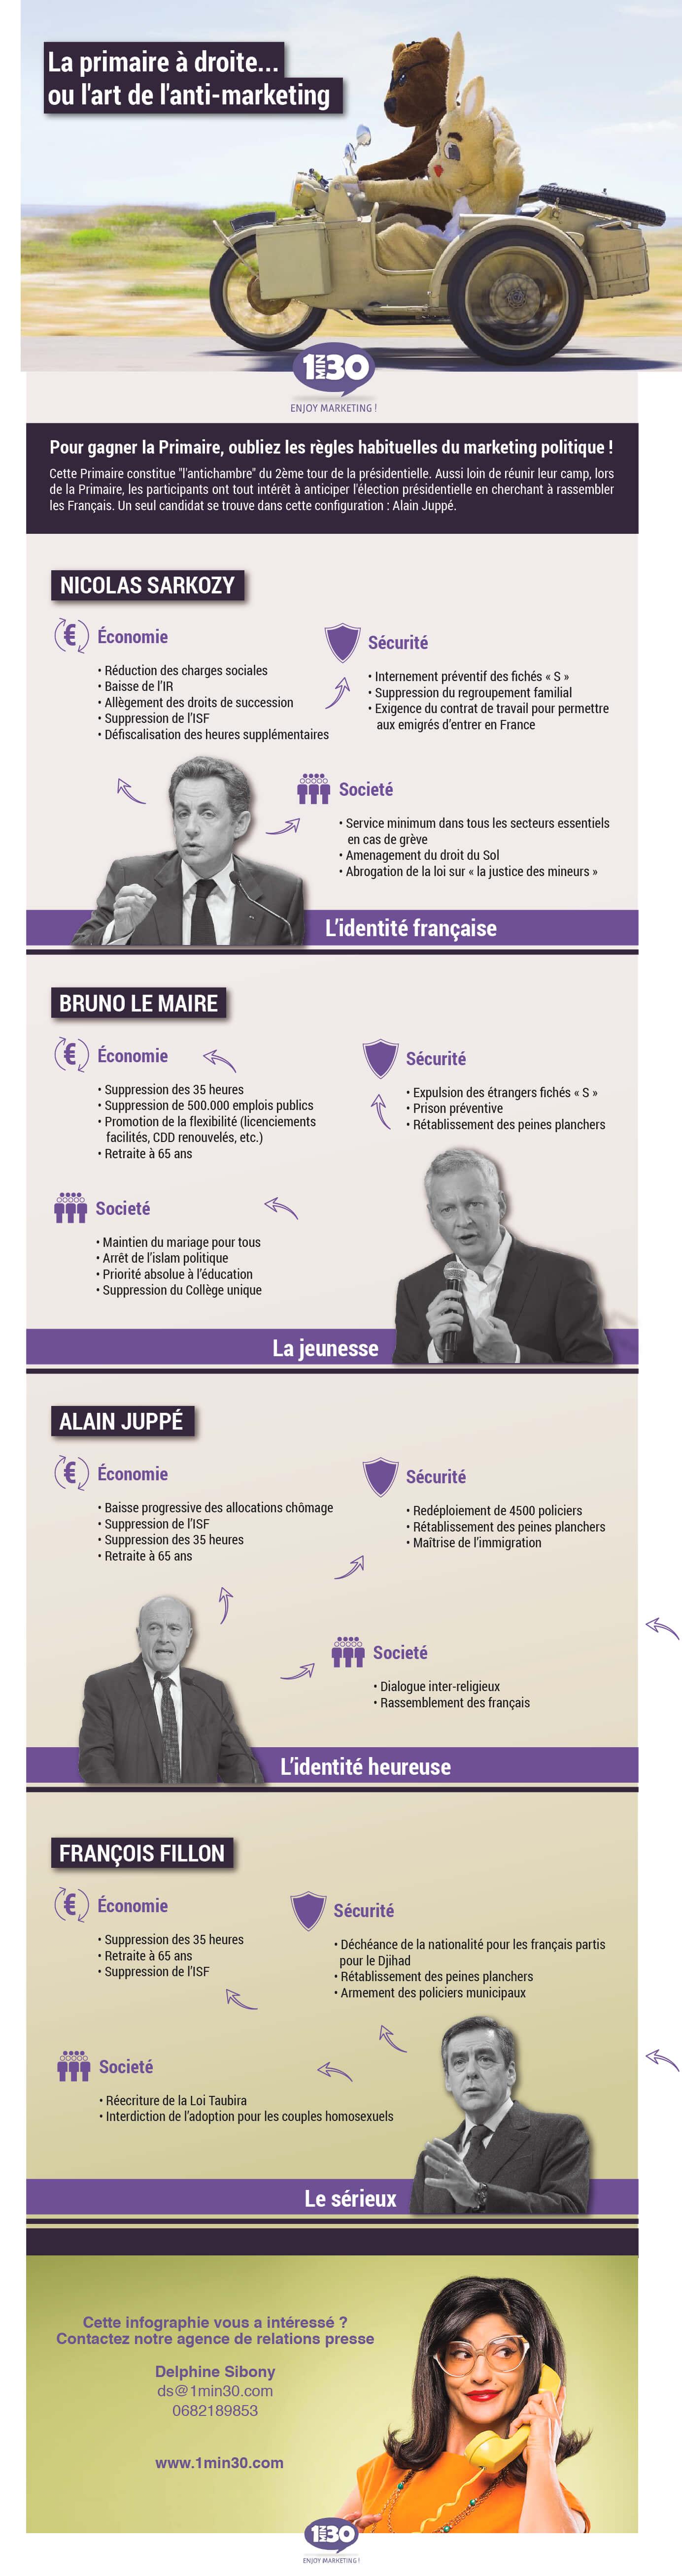 20161103 Infographie Politiques